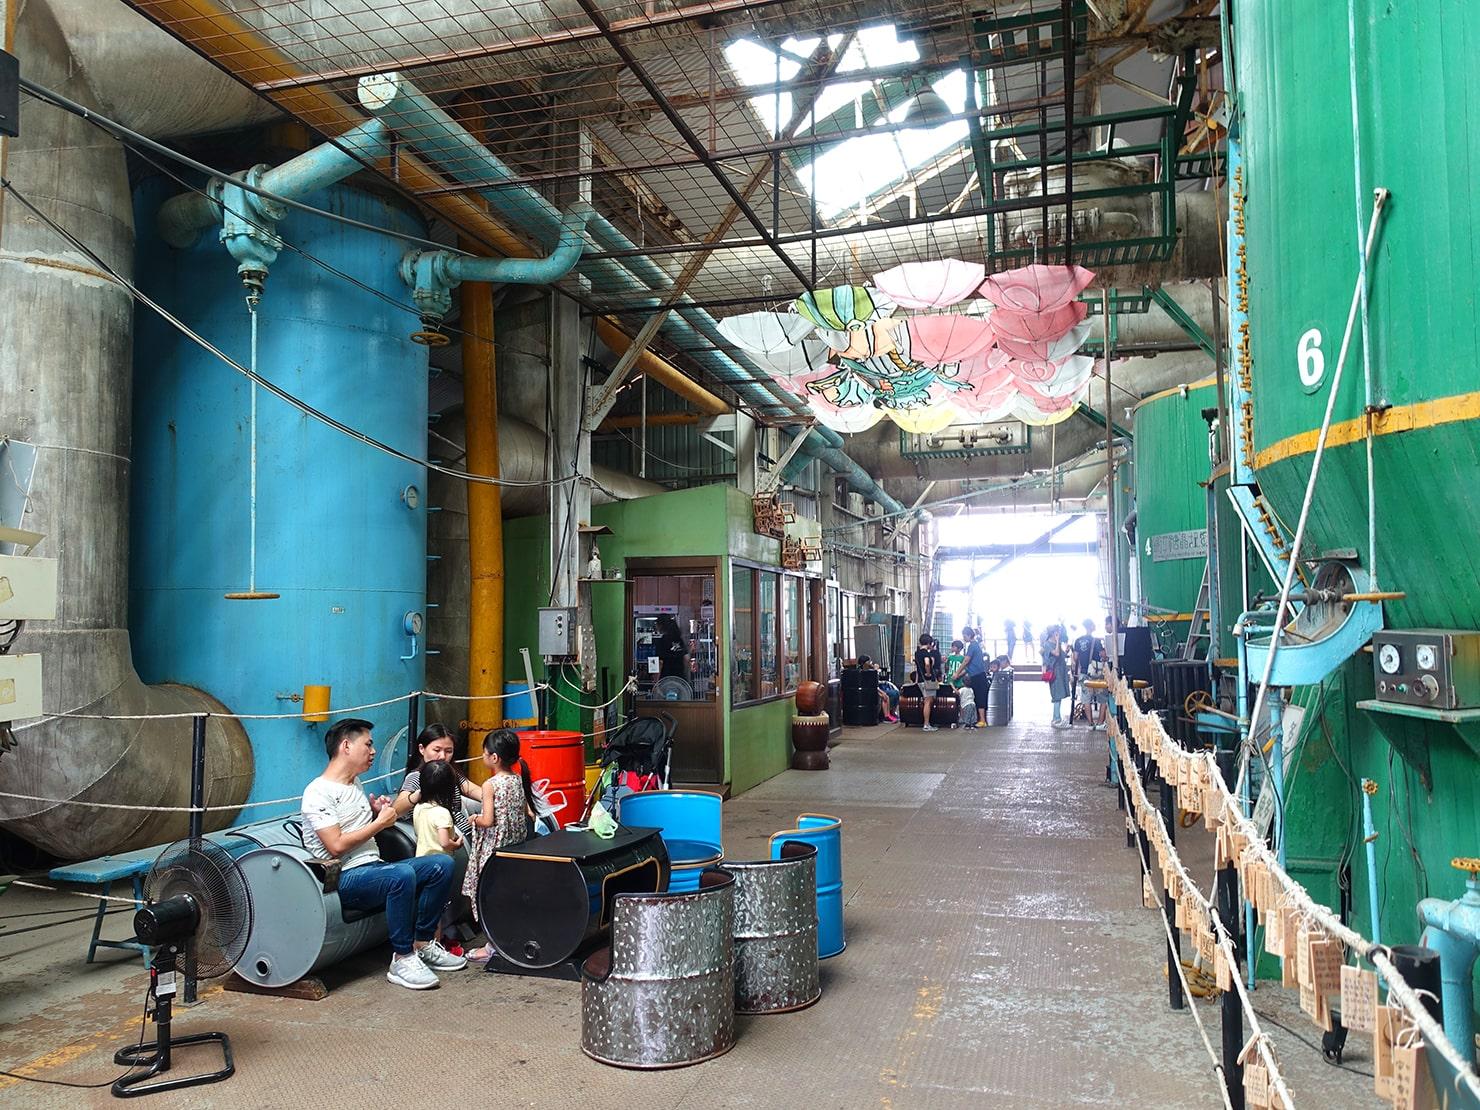 台南市街郊外のおすすめ観光スポット「十鼓仁糖文化園區」の工場内休憩スペース